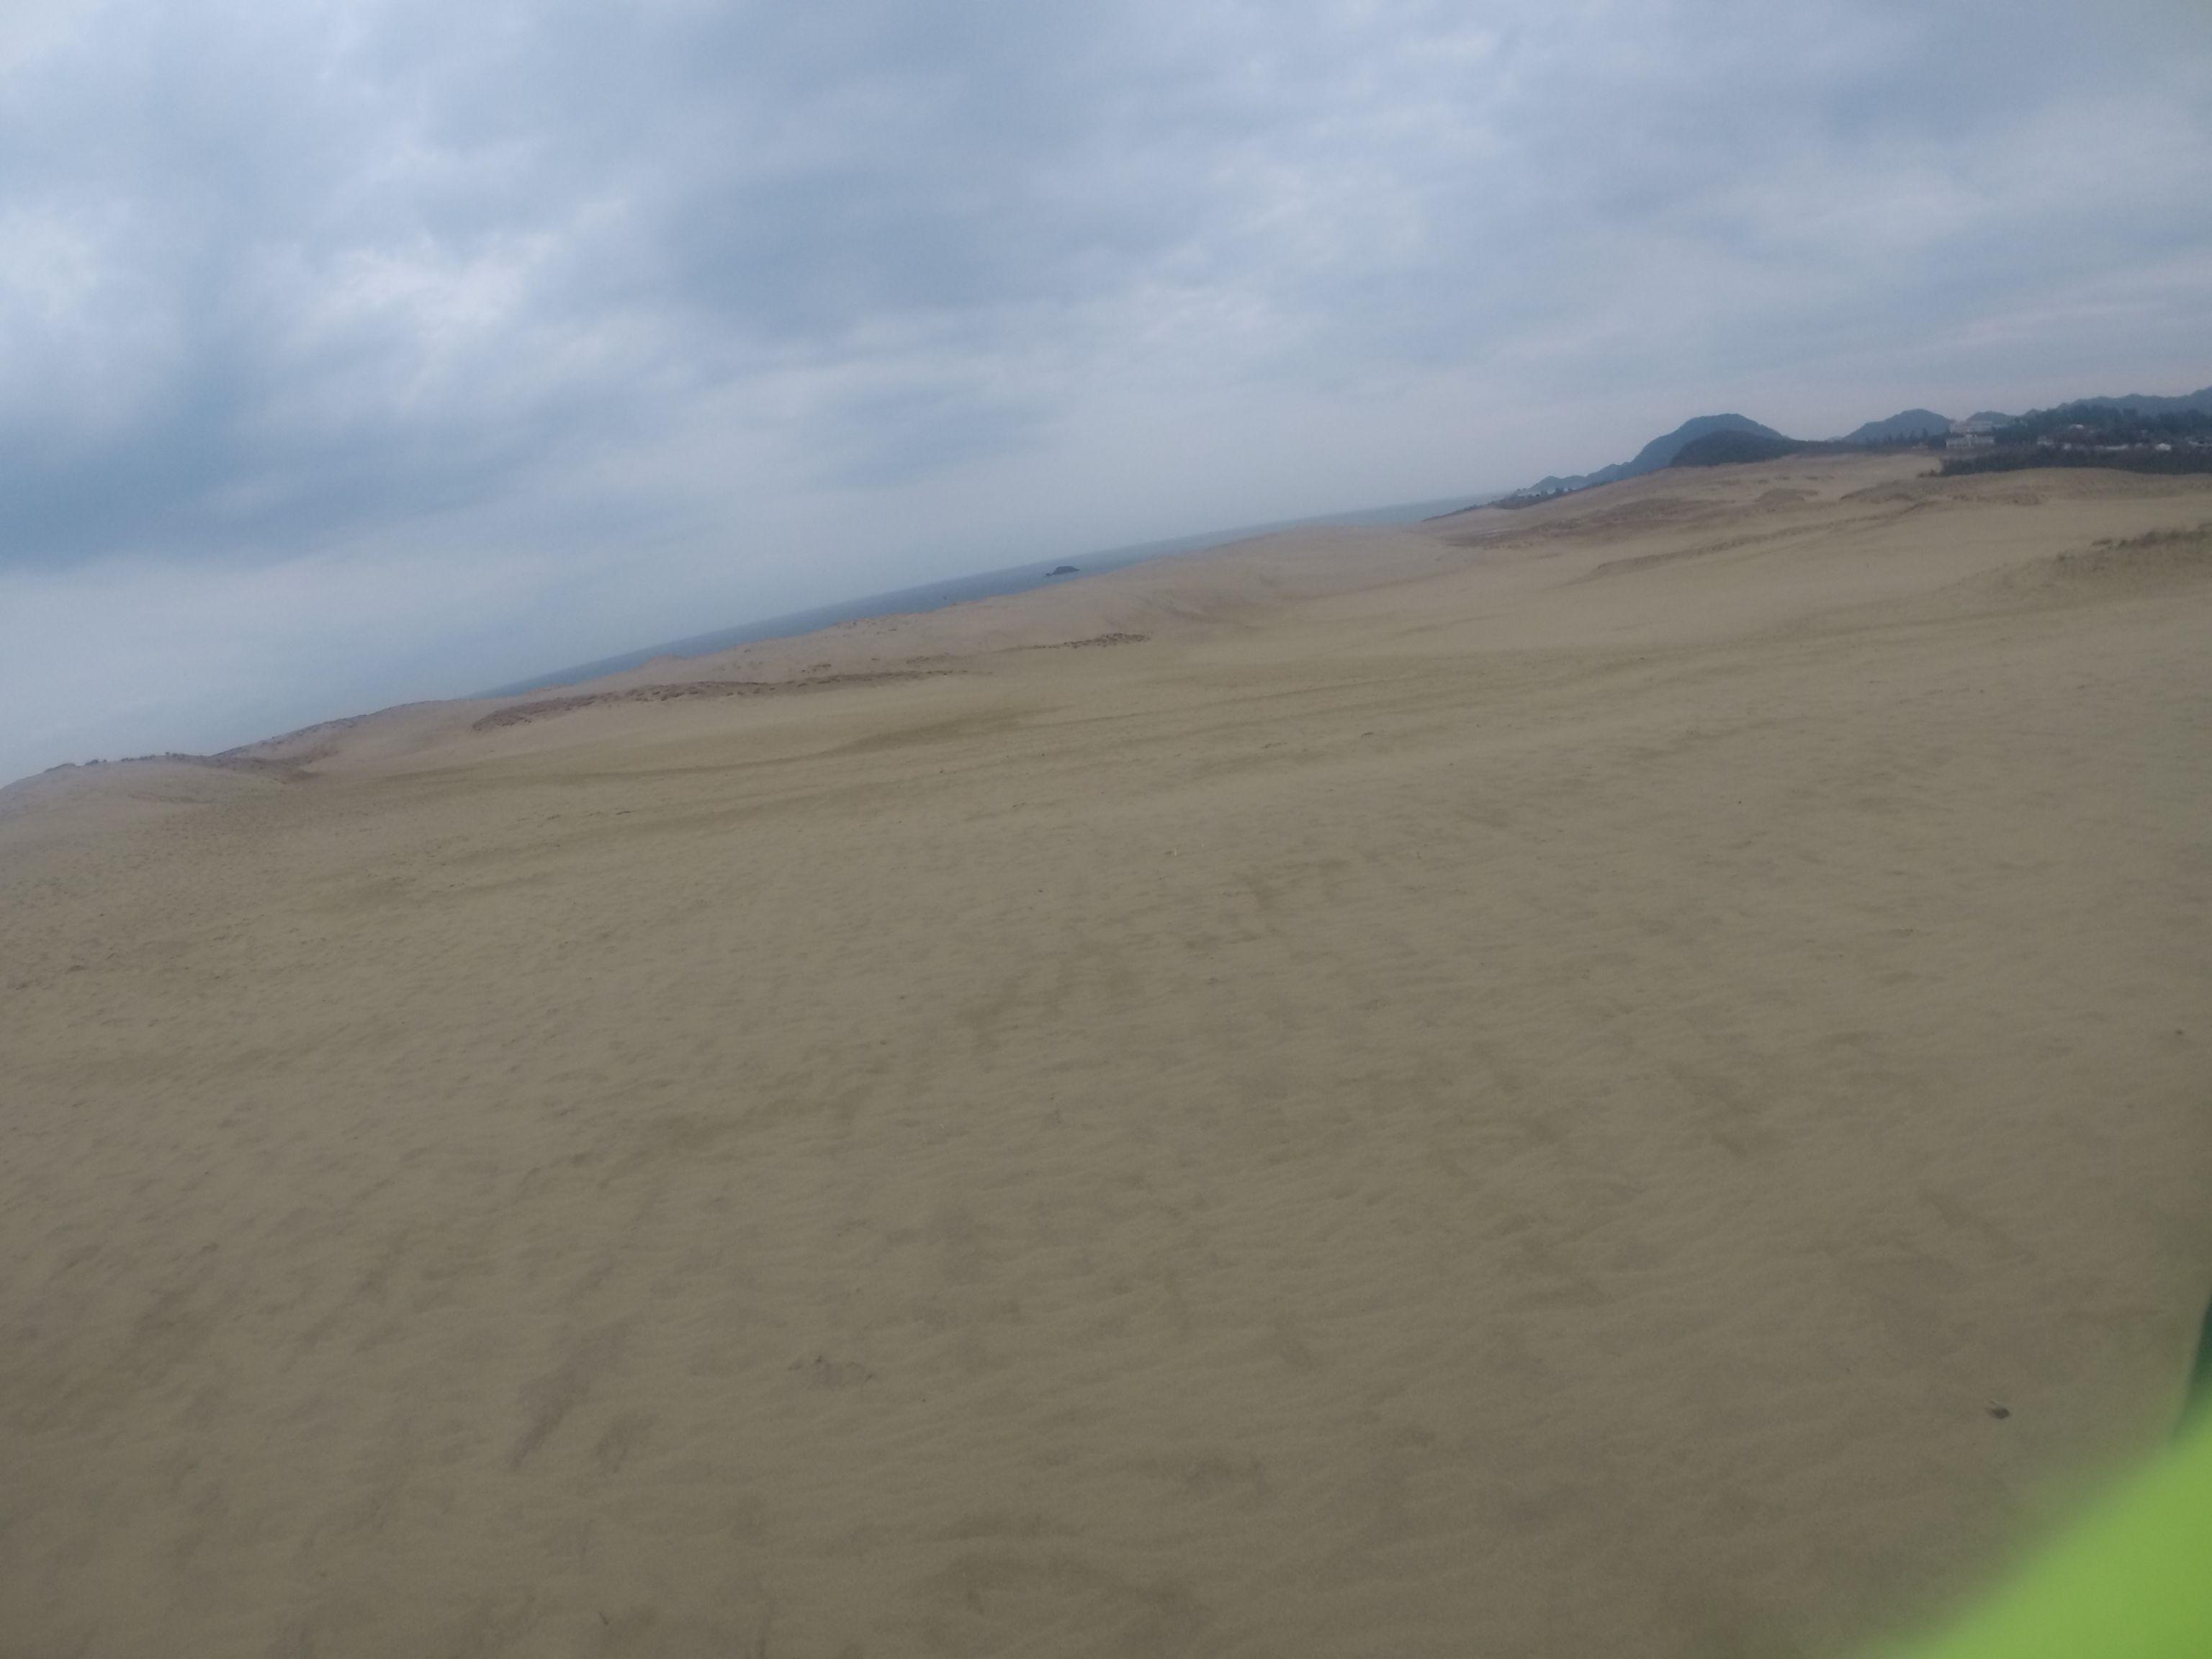 すっかり曇り空になってきた鳥取砂丘